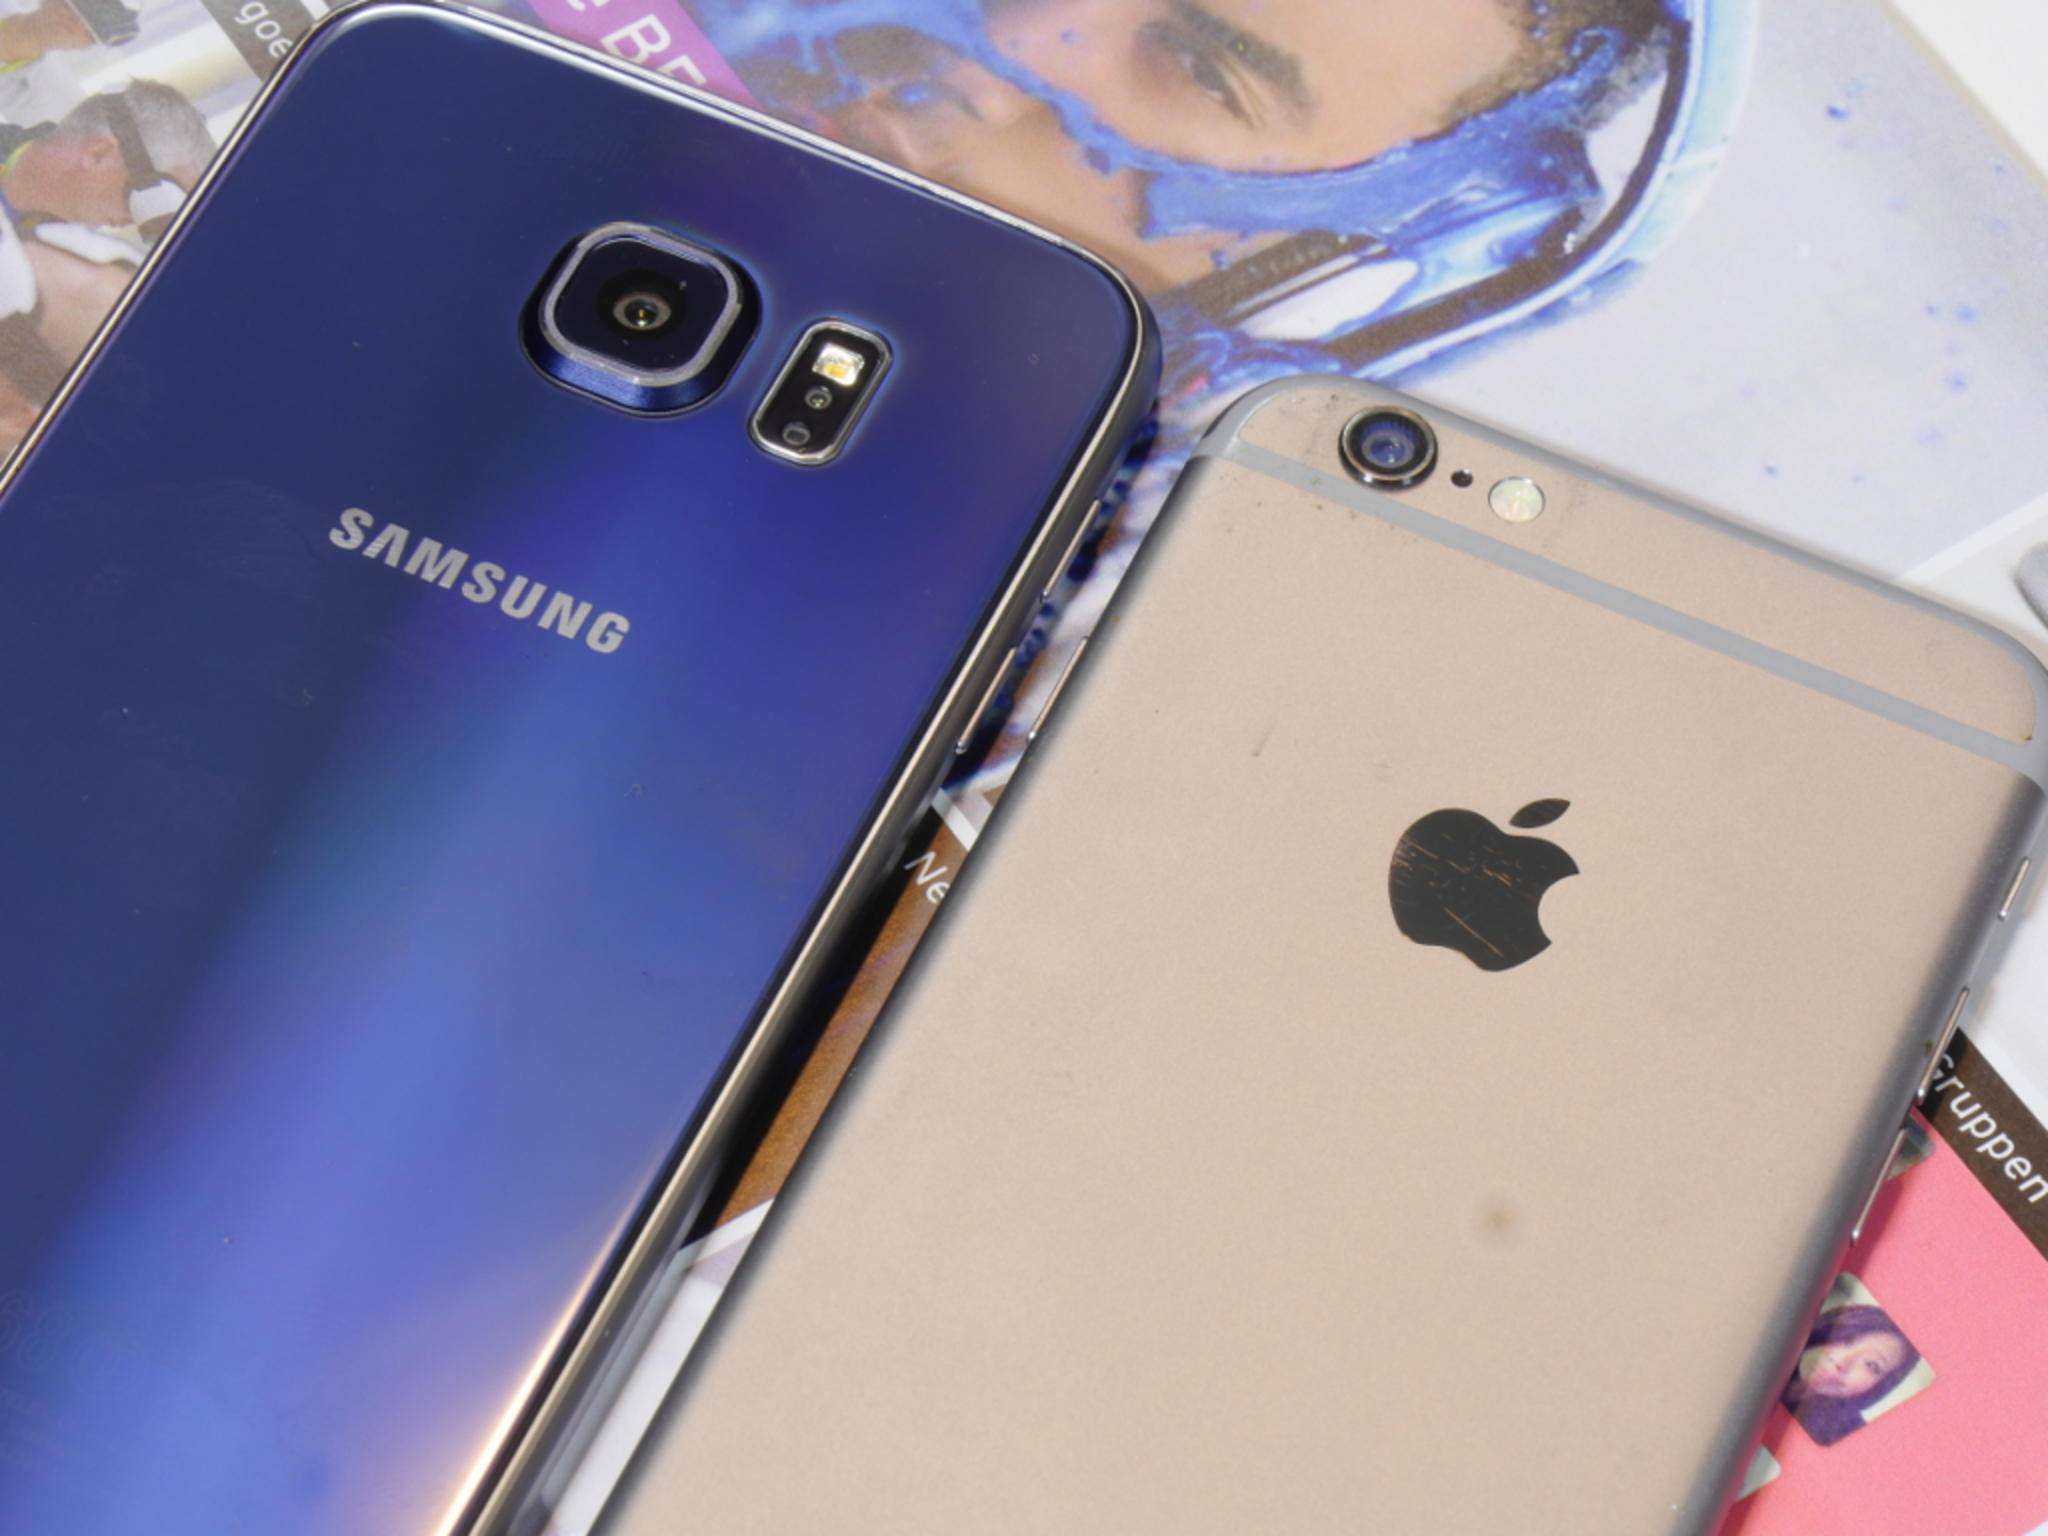 Der Blitz wurde bei der Rückkamera des Galaxy S6 ausgelagert.